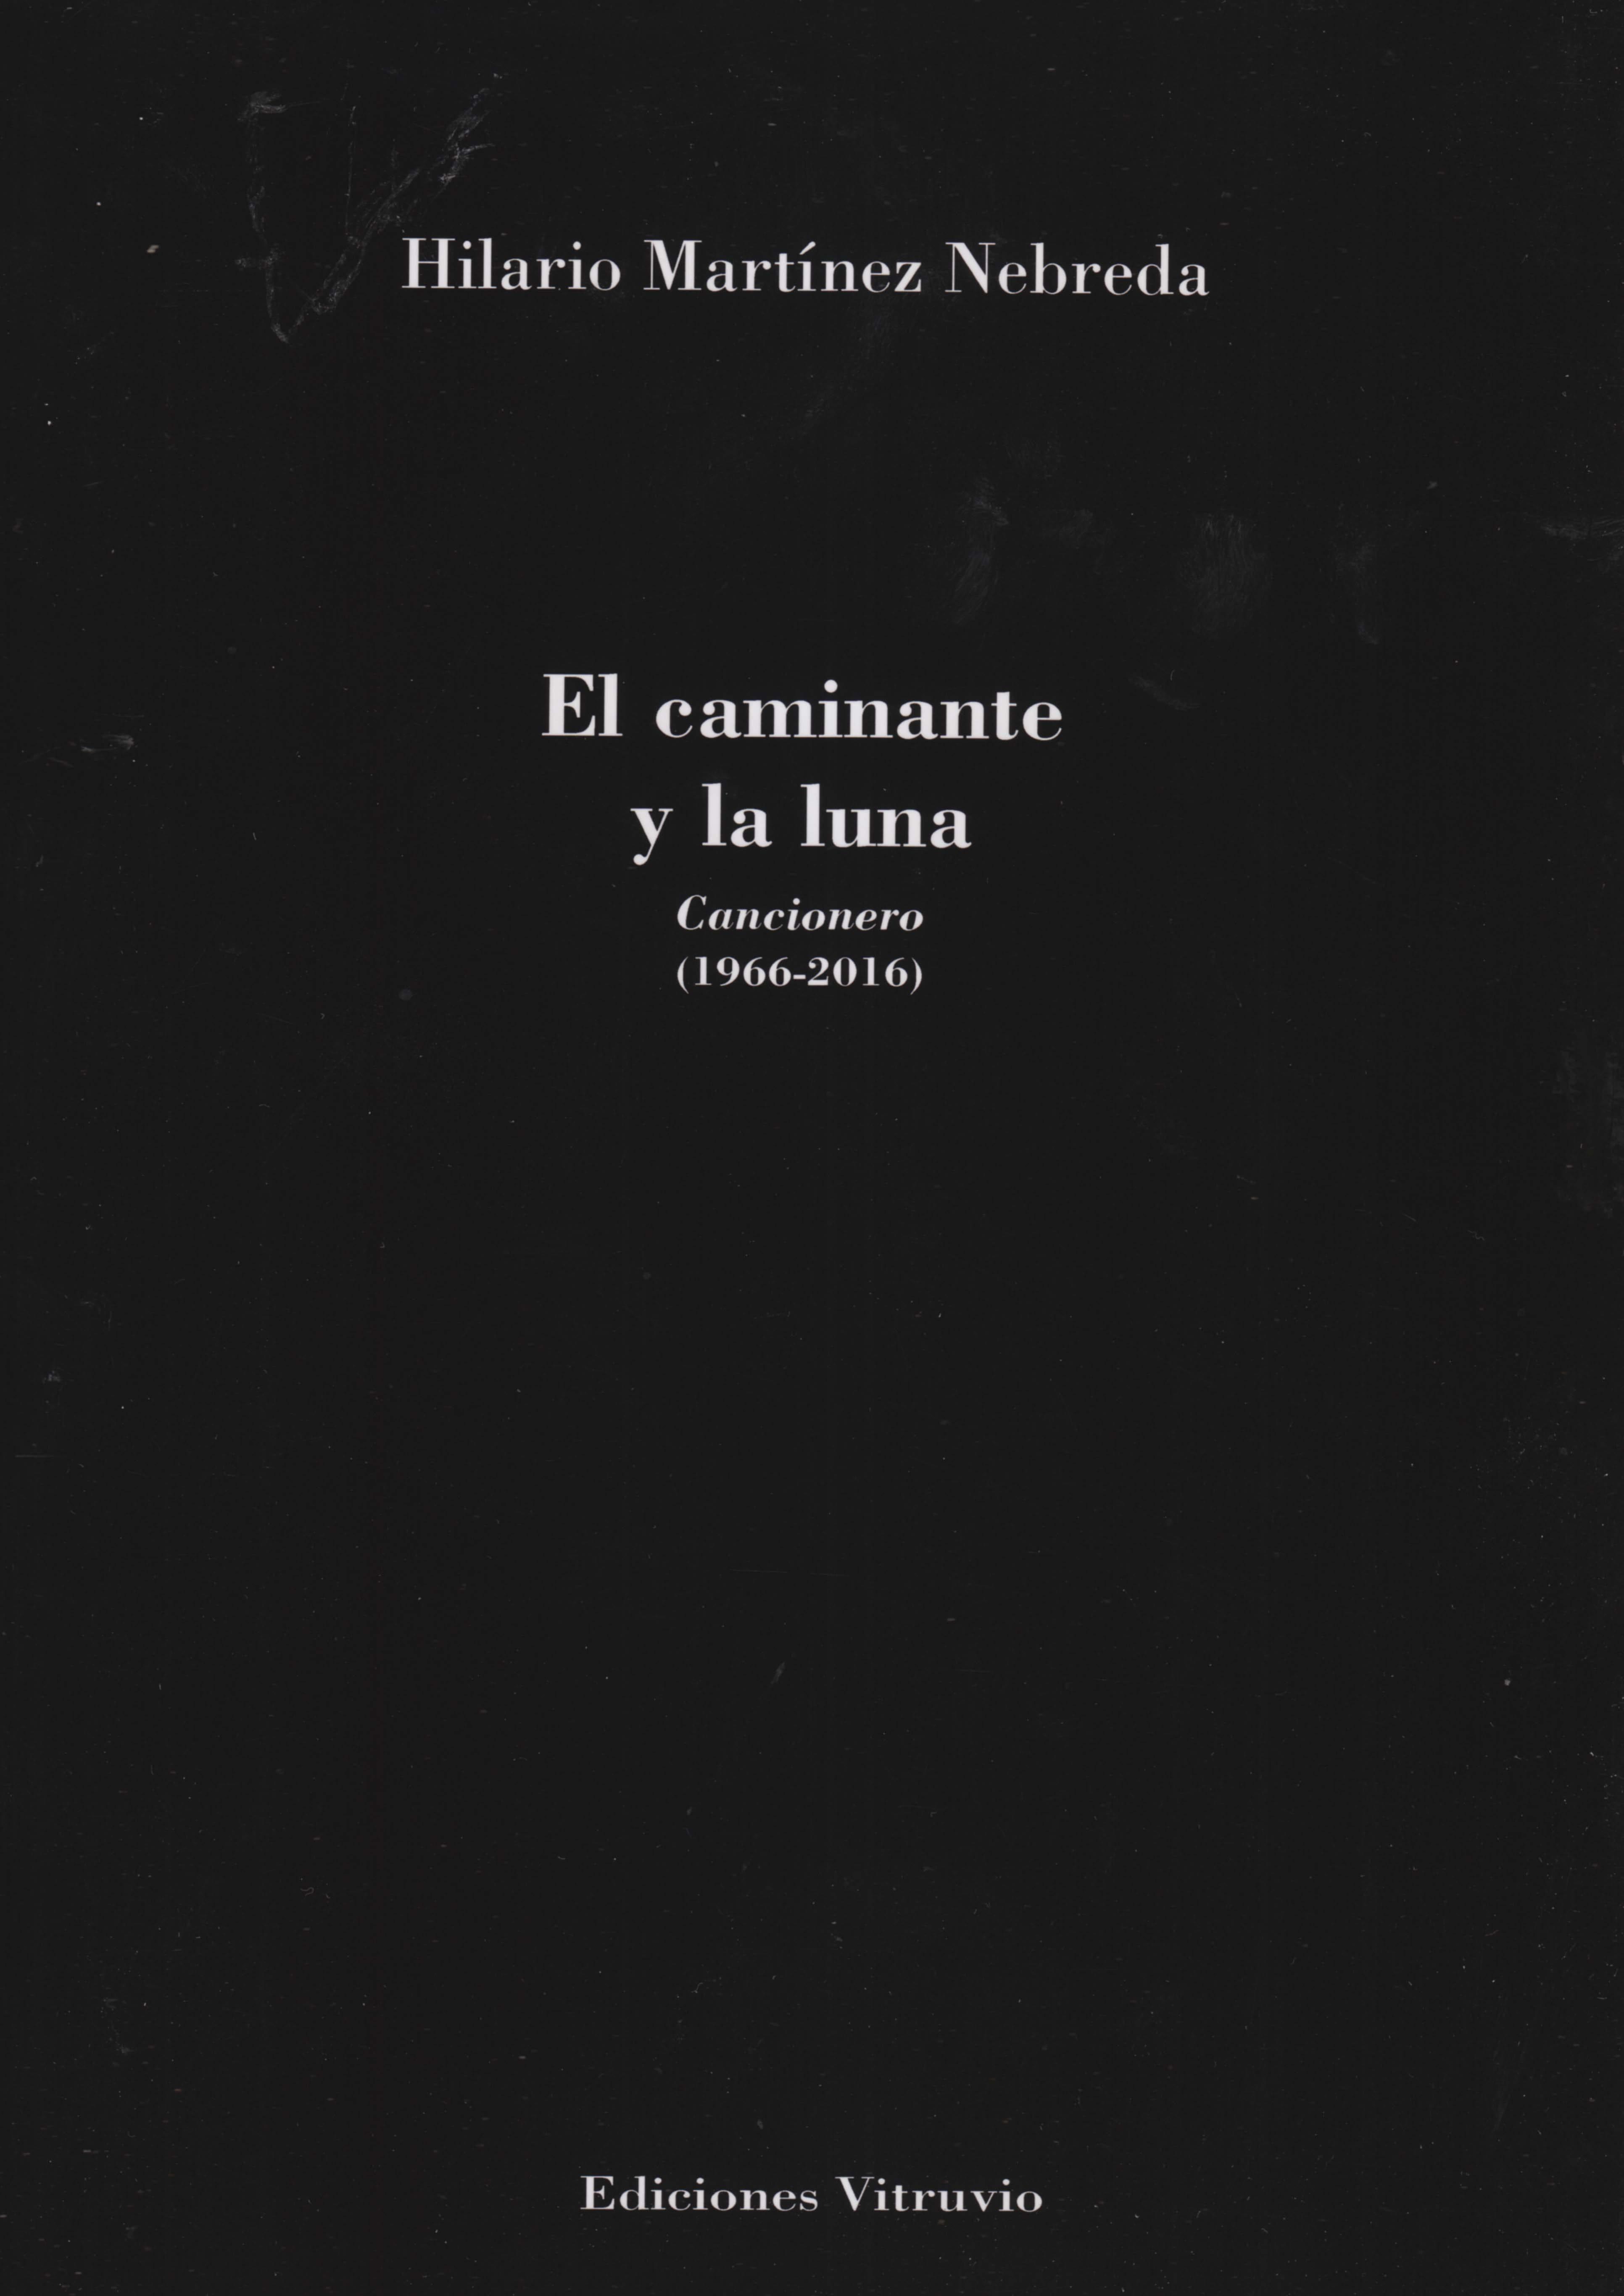 product image el caminante y la luna - Elcaminateylaluna - EL CAMINANTE Y LA LUNA